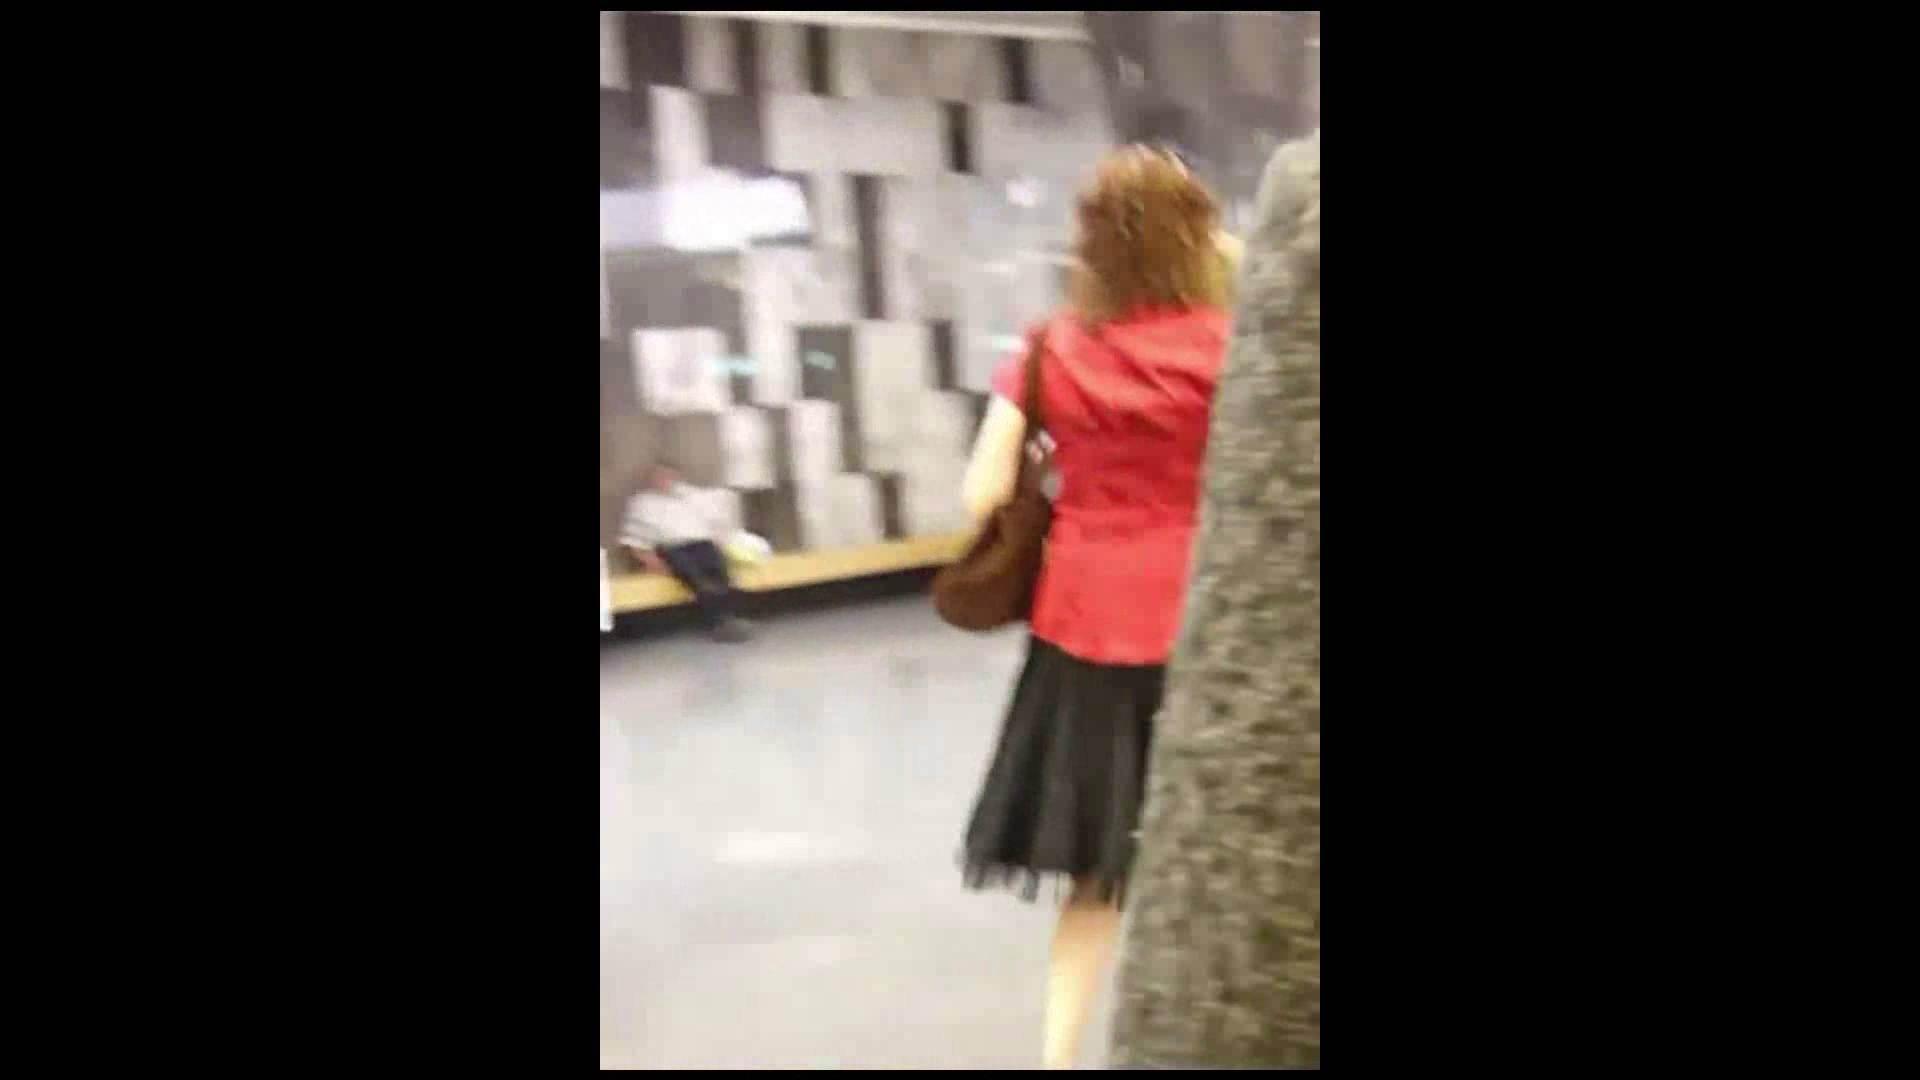 綺麗なモデルさんのスカート捲っちゃおう‼vol03 Hなお姉さん   HなOL  87pic 60